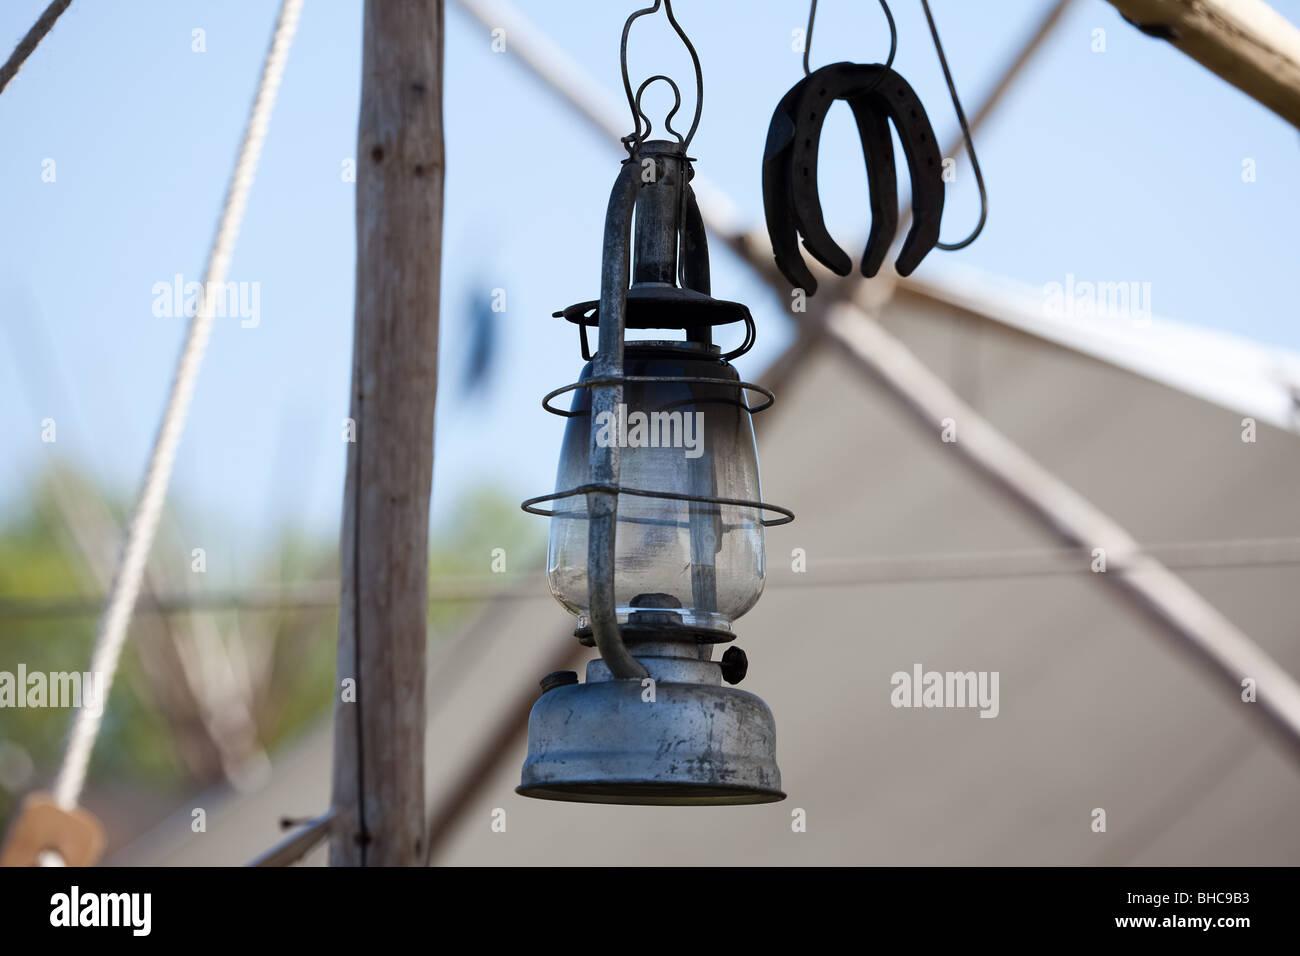 Western olio lampada Immagini Stock